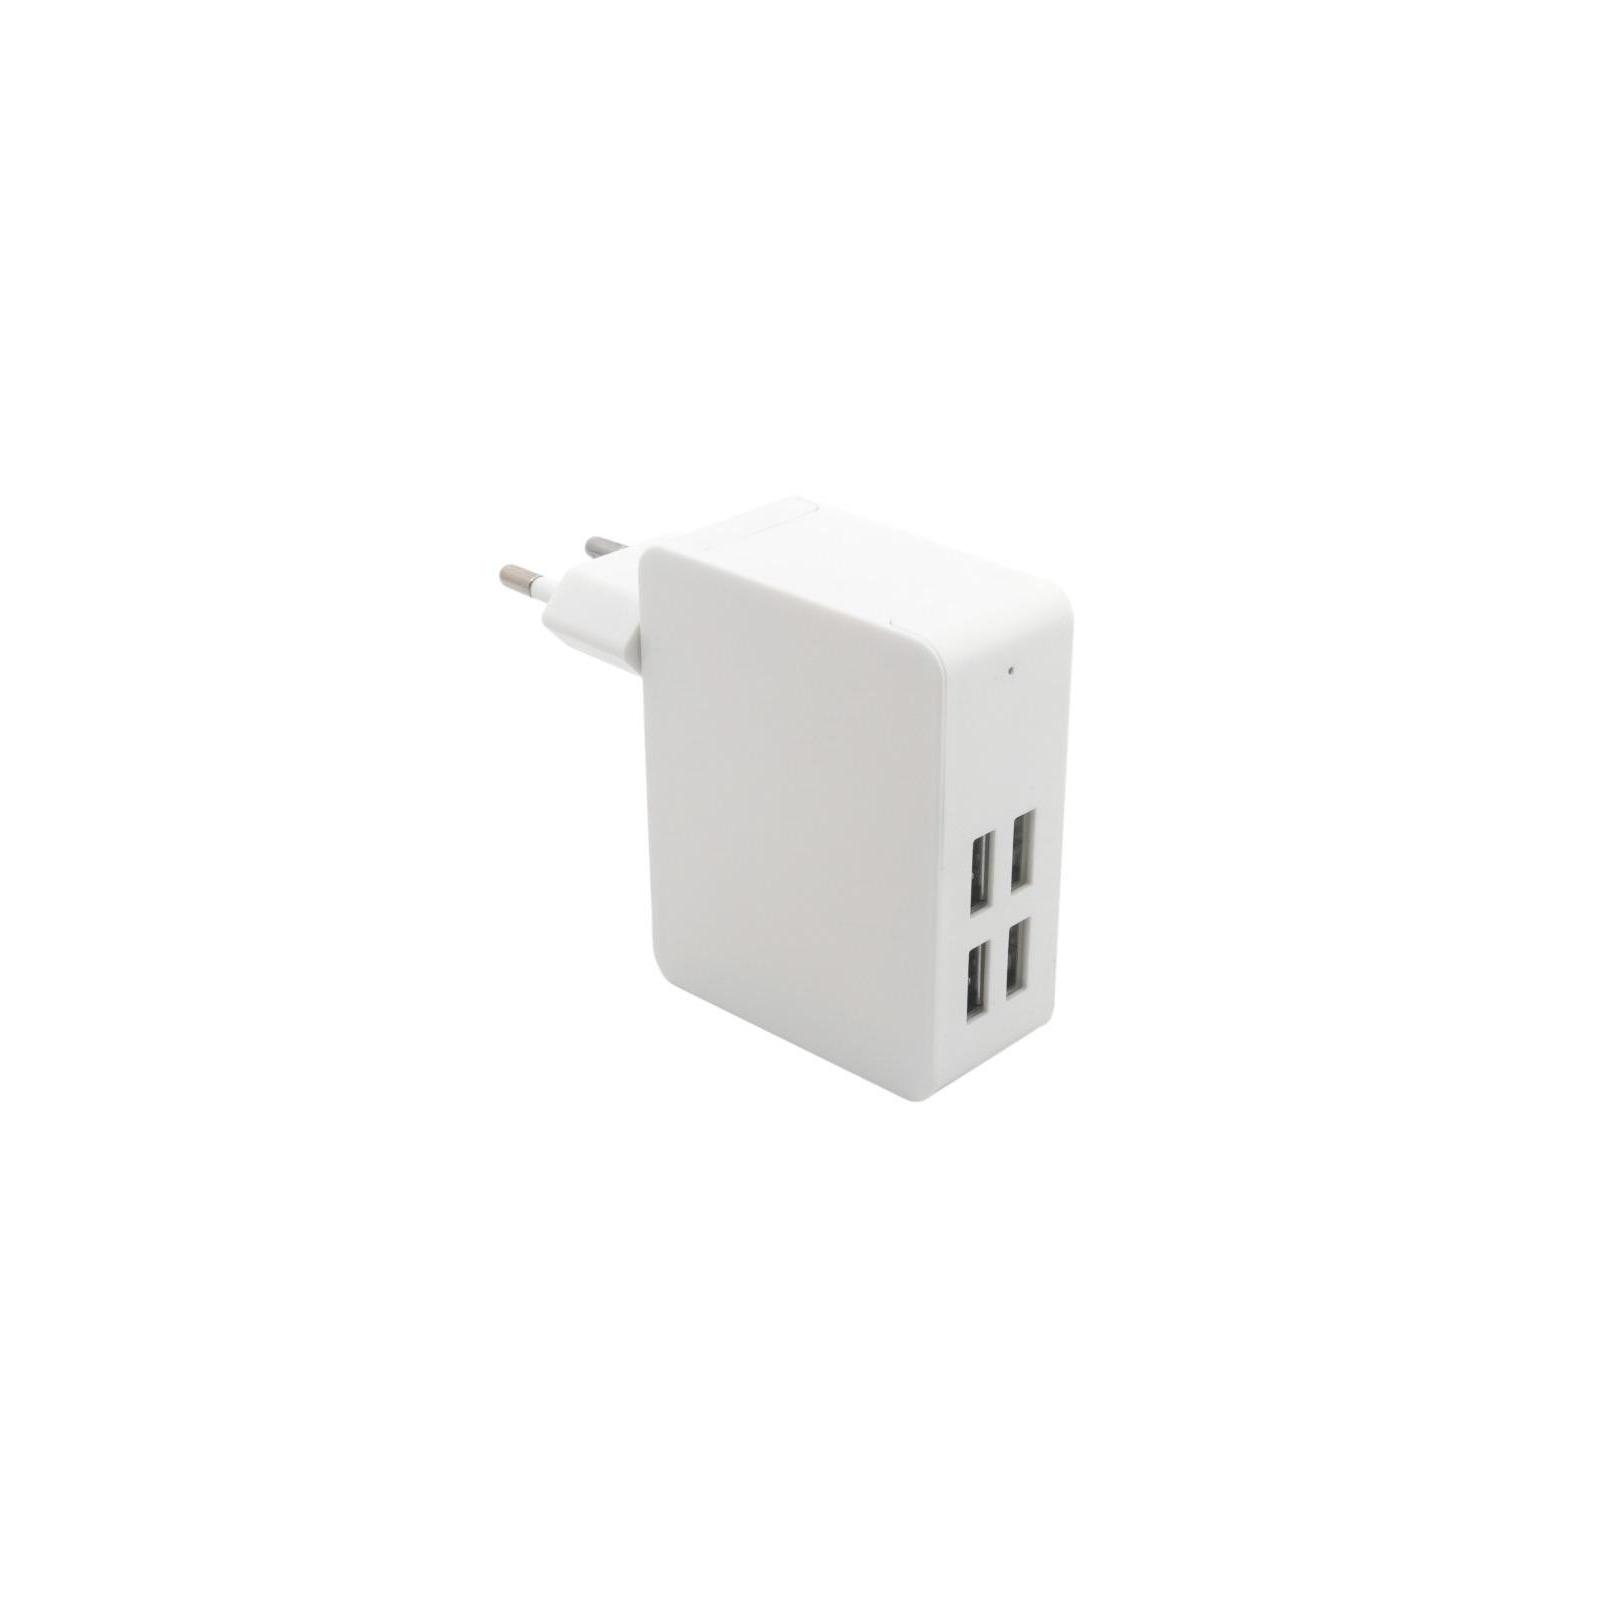 Зарядное устройство Extradigital IQ Charger ED-4U20IC 4*USB, 4A (CUE1527) изображение 2